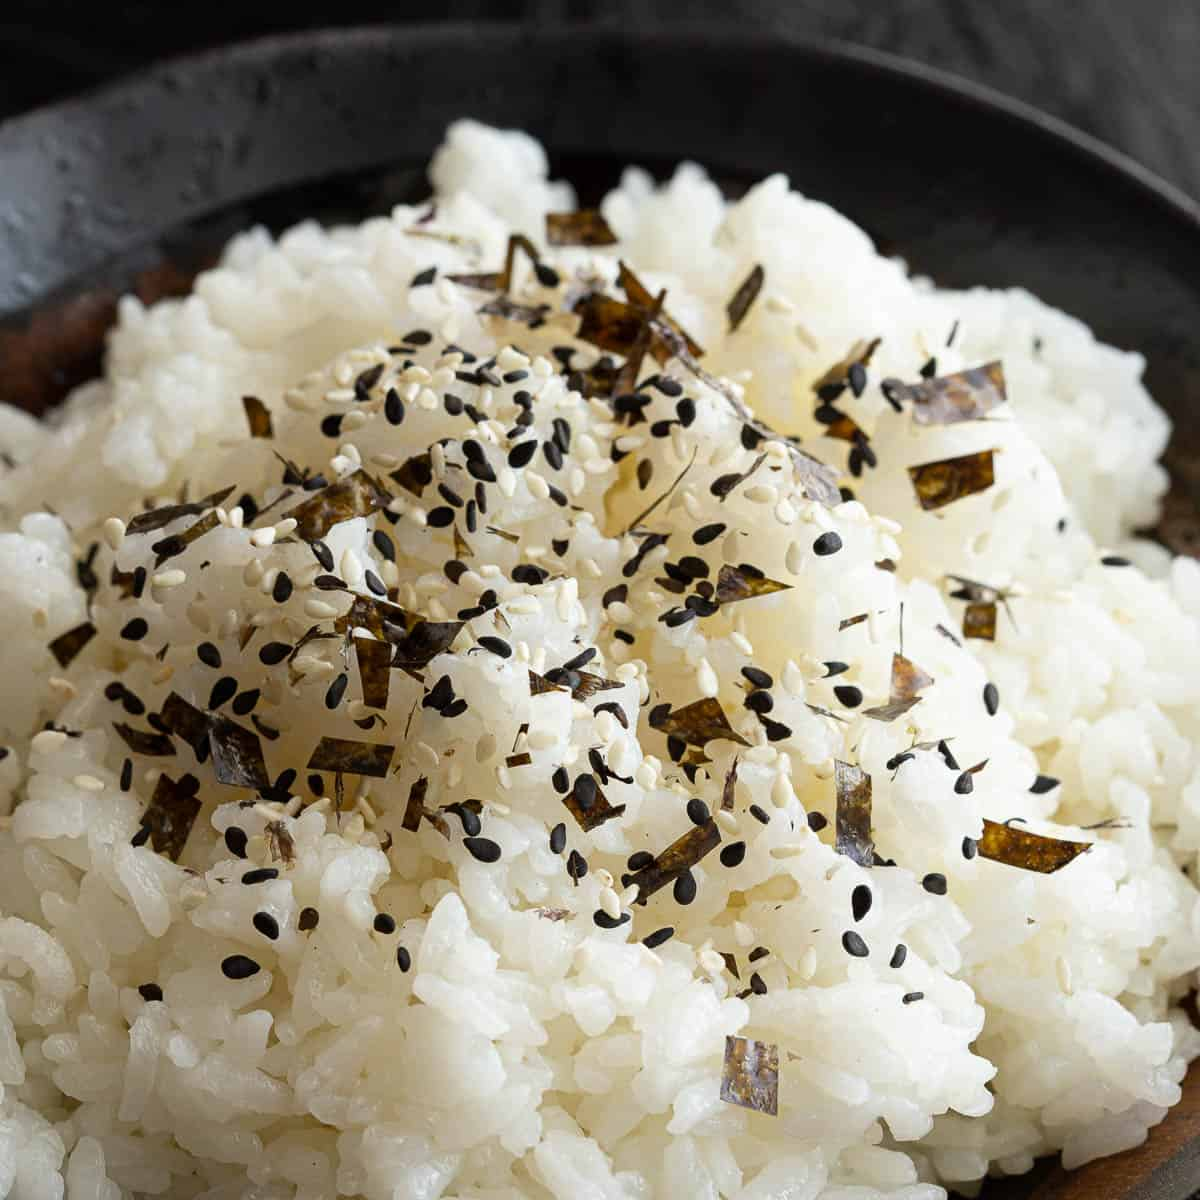 Close up shot of nori komi furikake sprinkled over sushi rice.